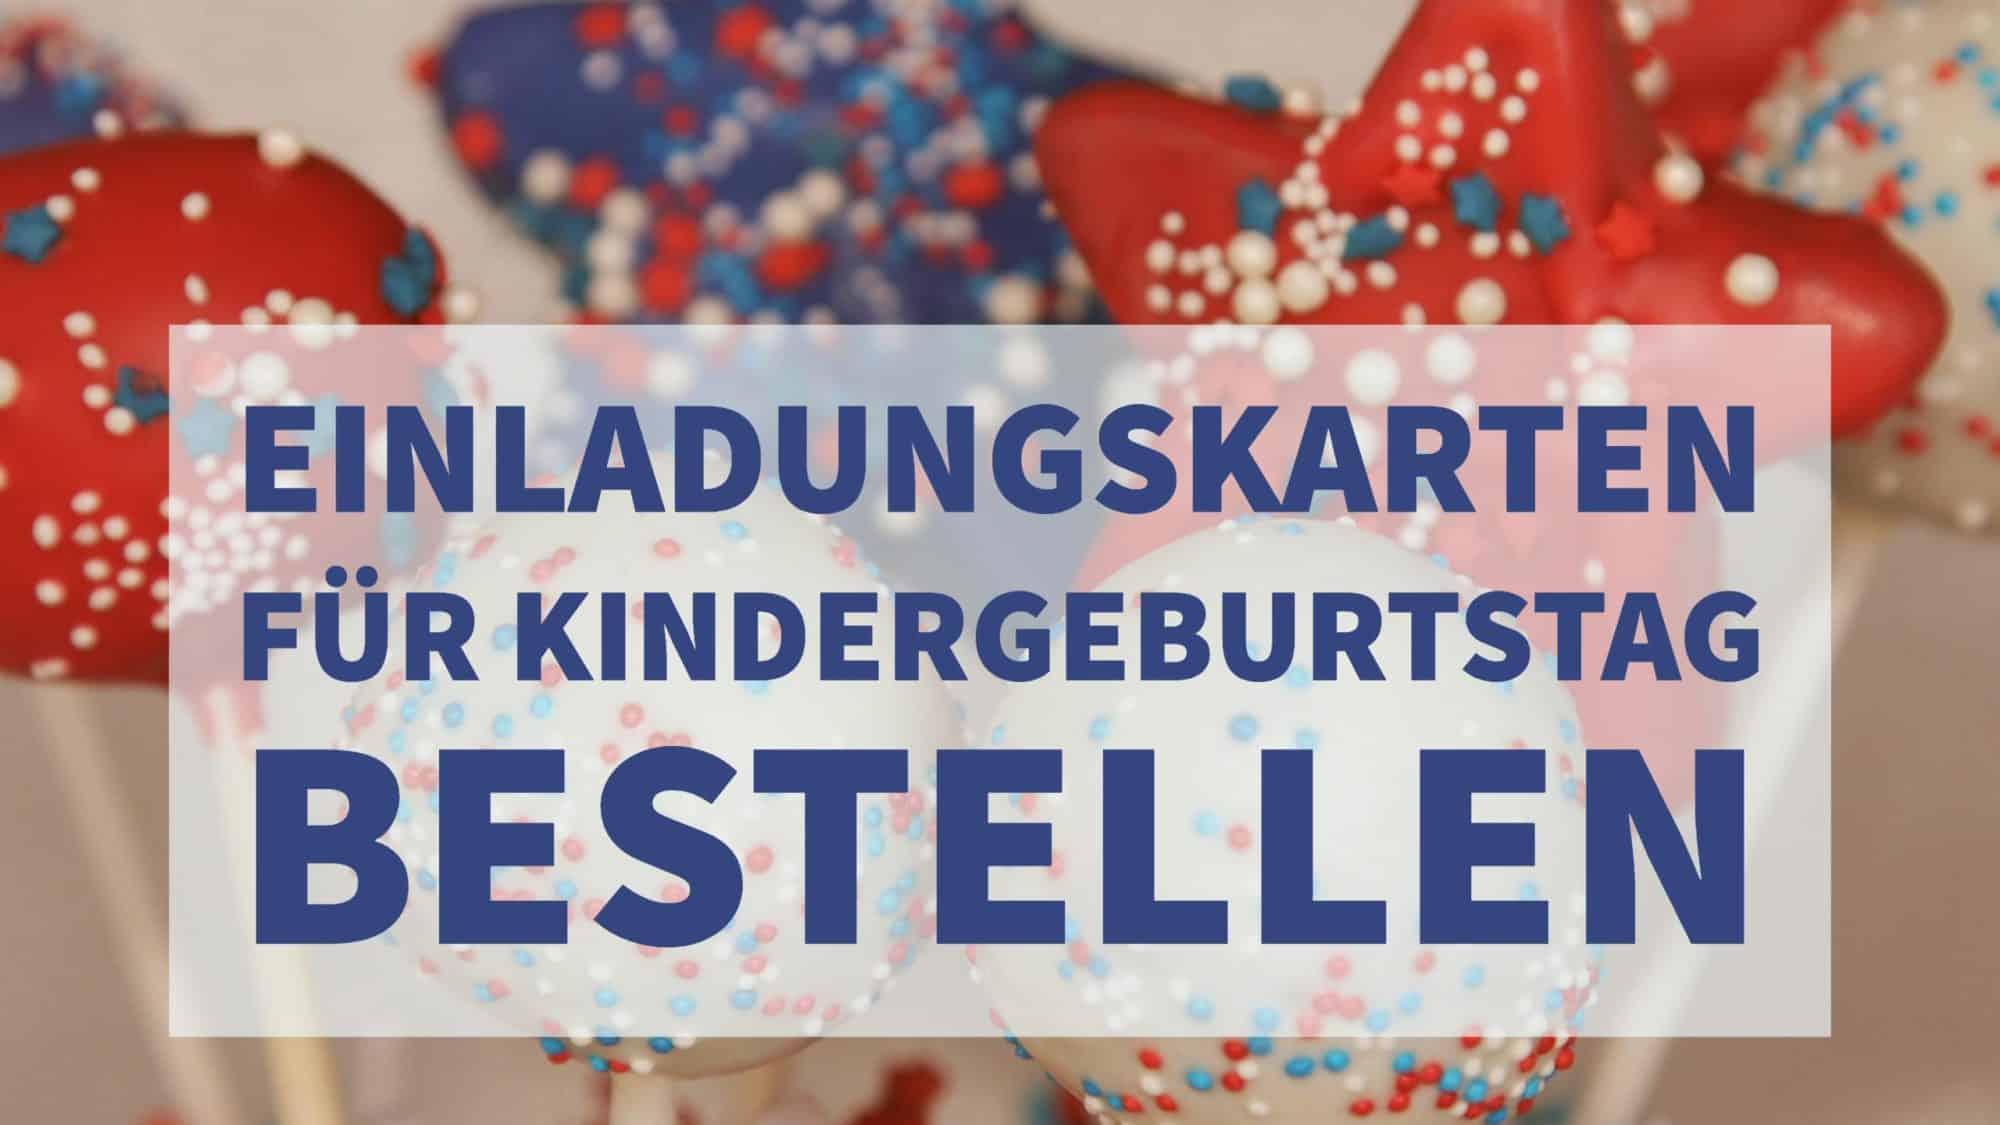 Toll Einladungskarten Für Kindergeburtstag Bestellen, Günstig Online    Einladungskarten Geburtstag